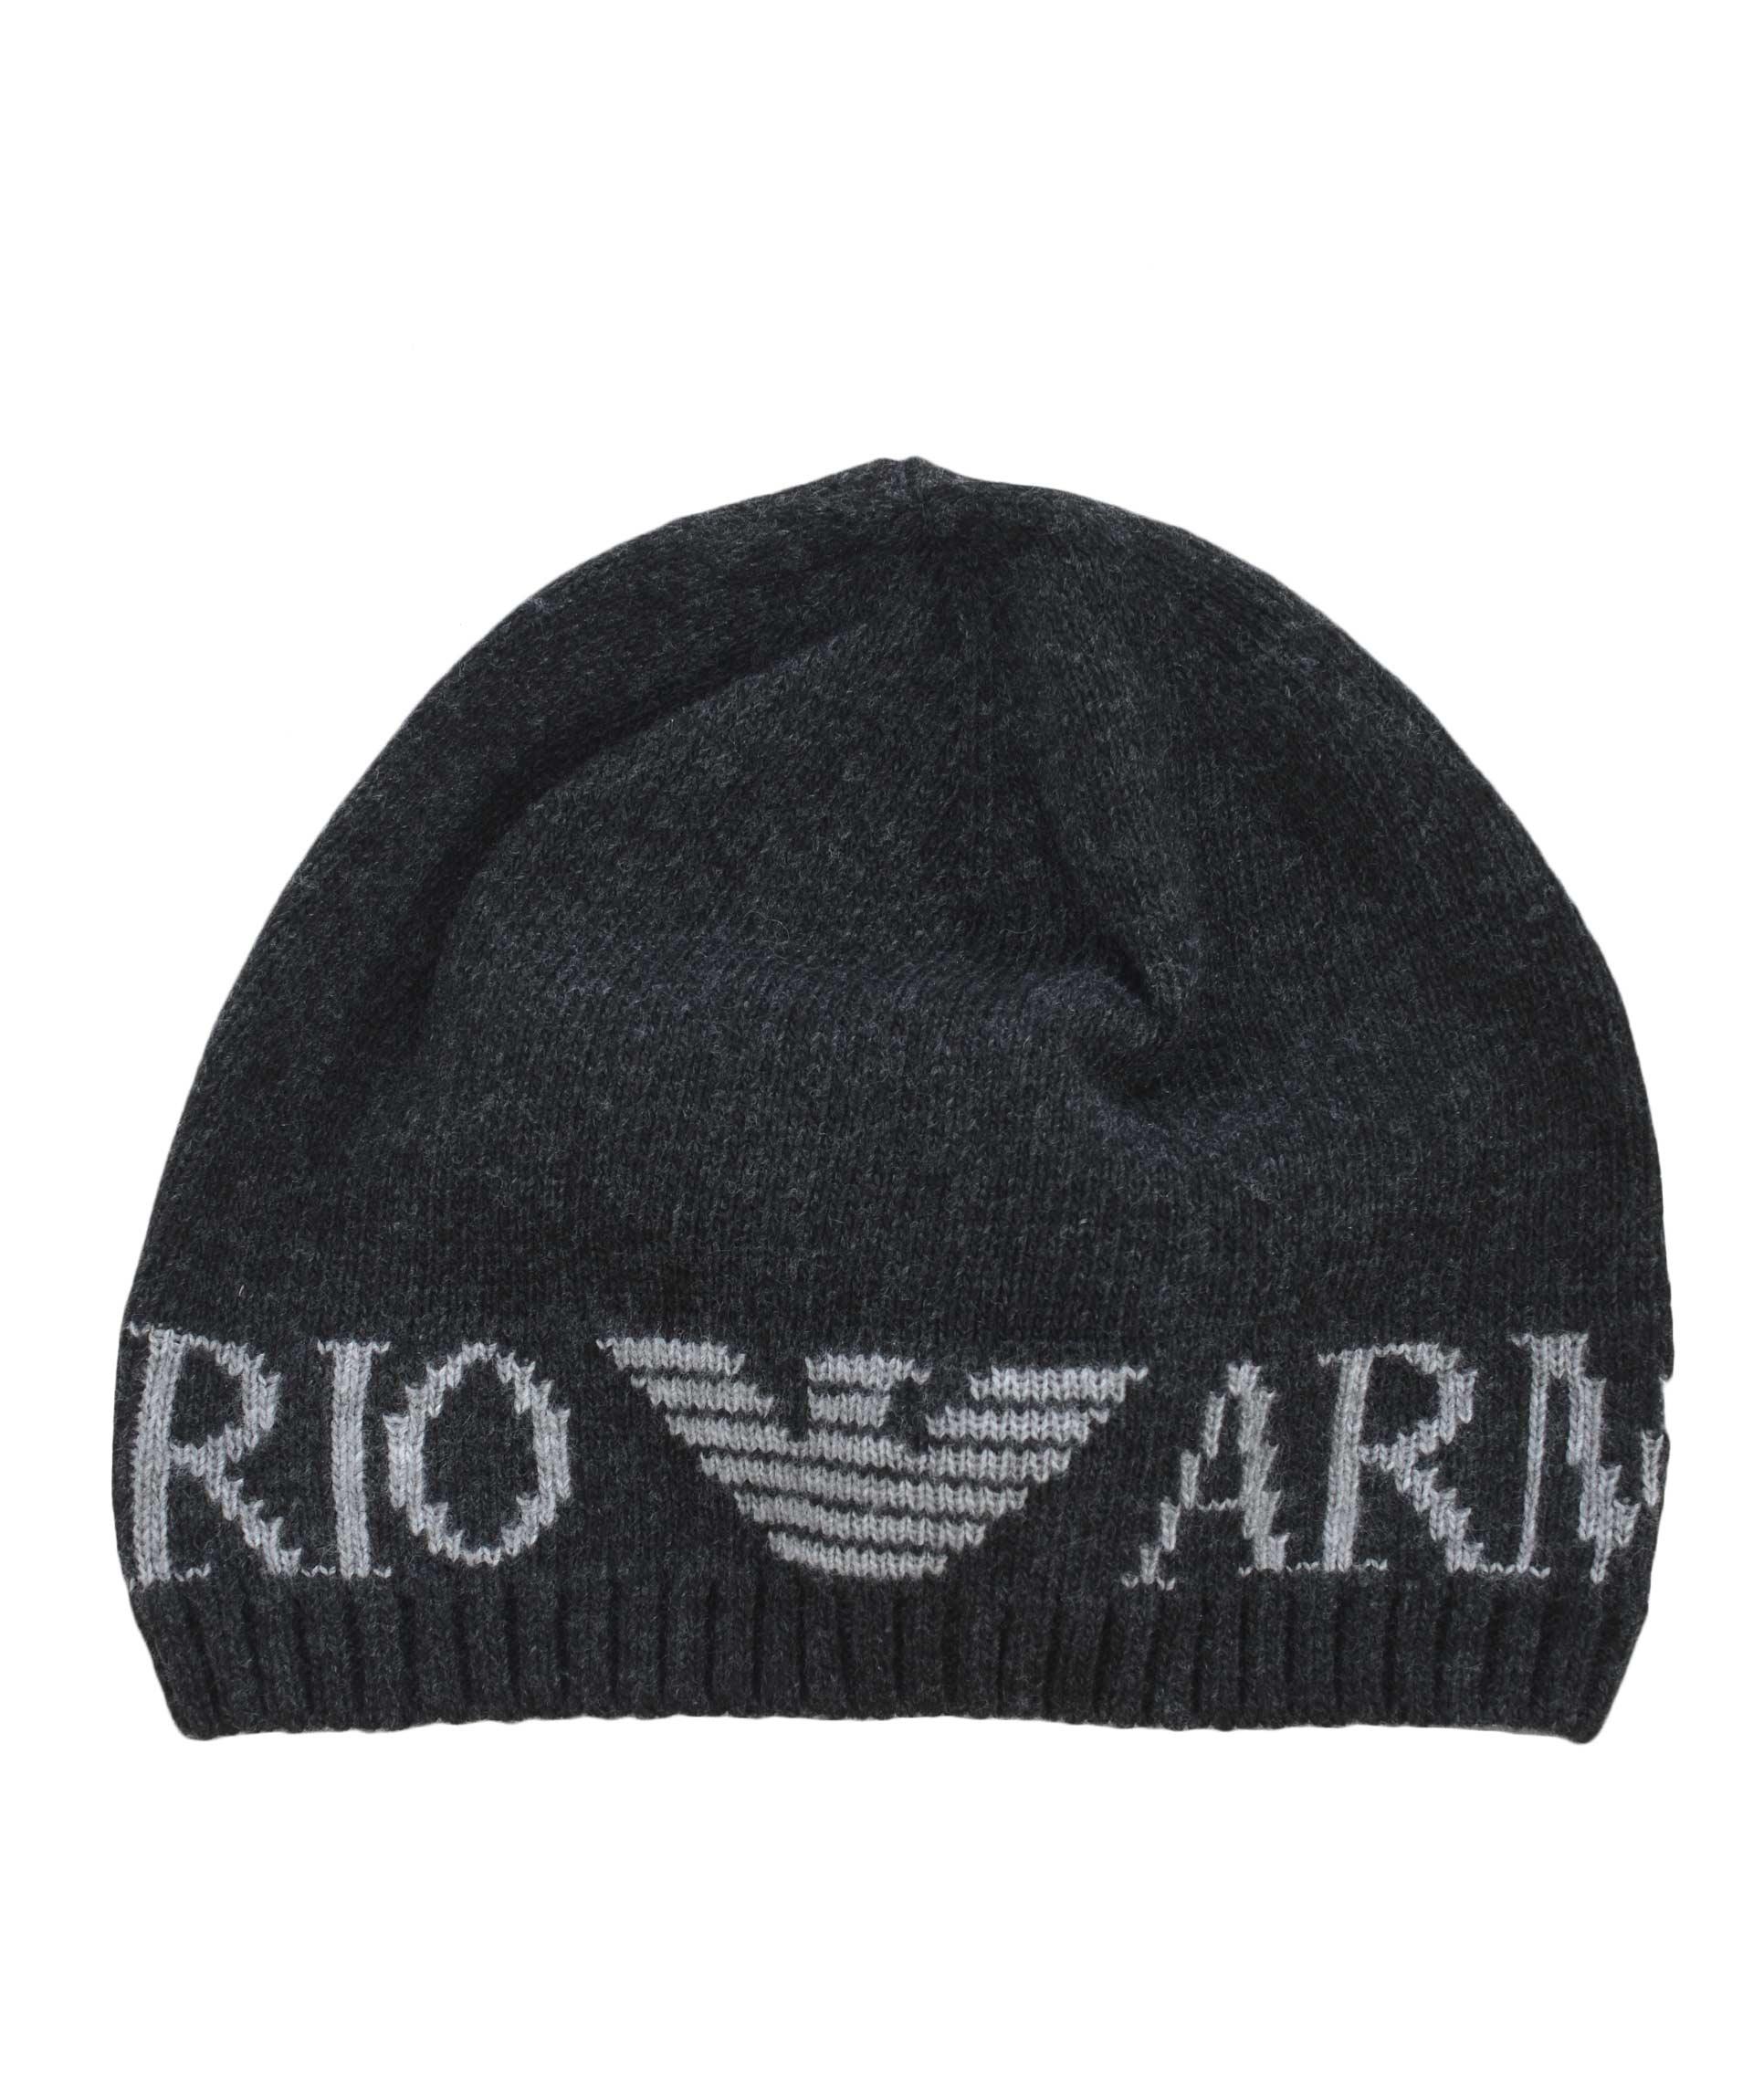 Cappello e sciarpa Emporio Armani - EMPORIO ARMANI - TufanoModa 85a7a70511f7